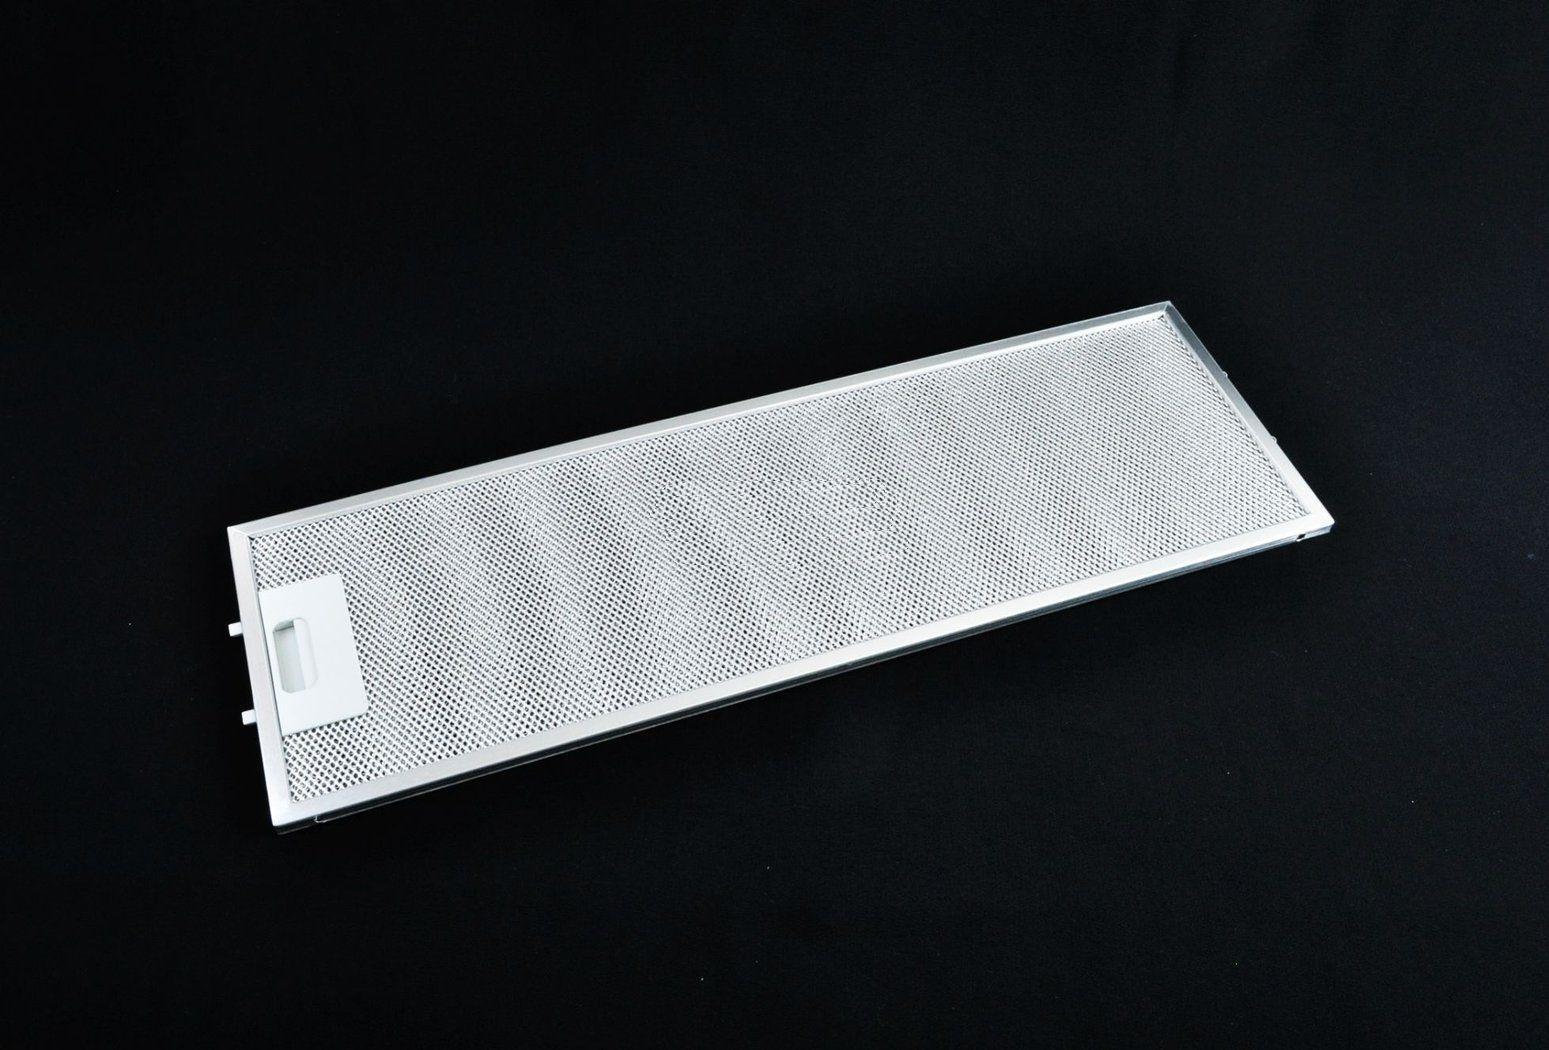 Aeg alu filter dunstfilter fettfilter für dunstabzugshaube b ware